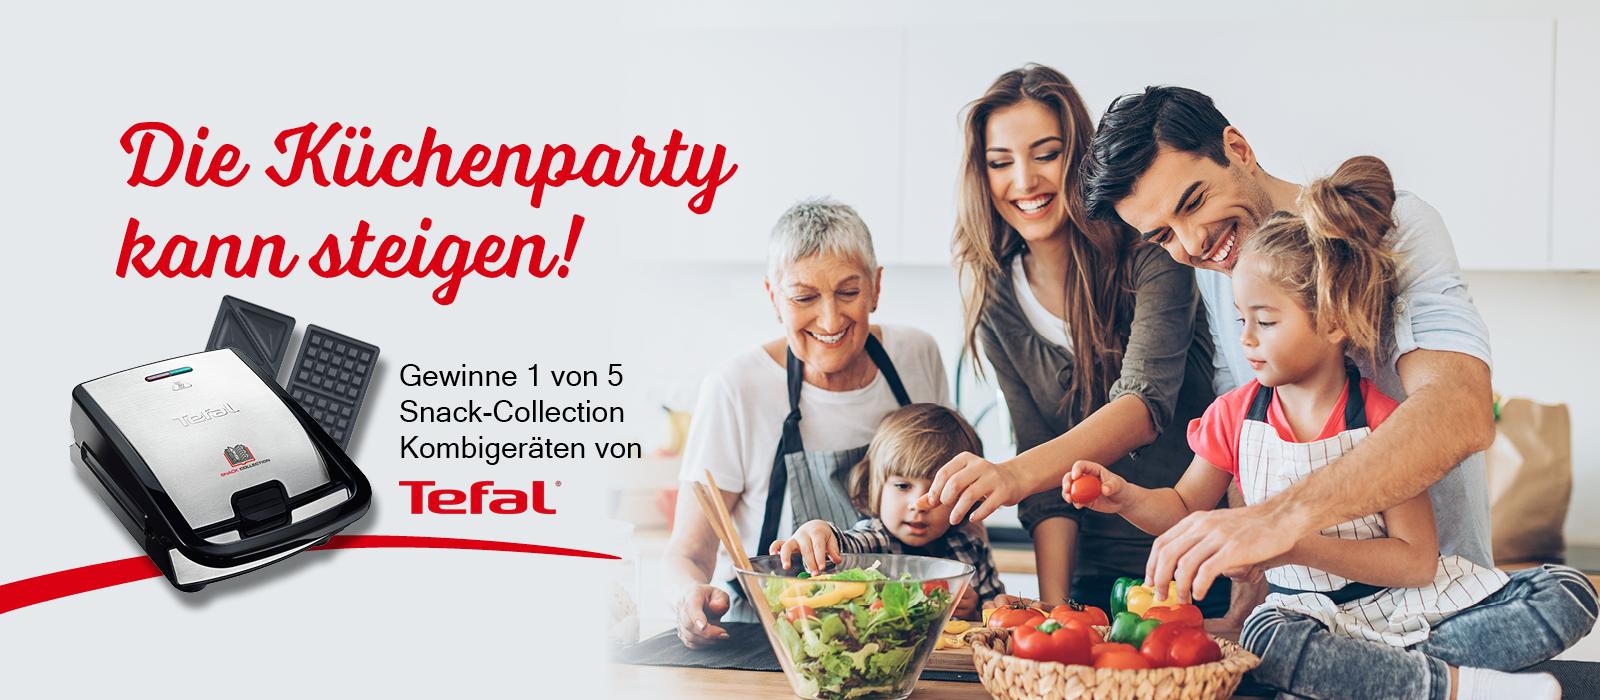 Küchenparty Gewinnspiel - gewinne 1 von 5 Tefal Snack-Collection Kombigeräten